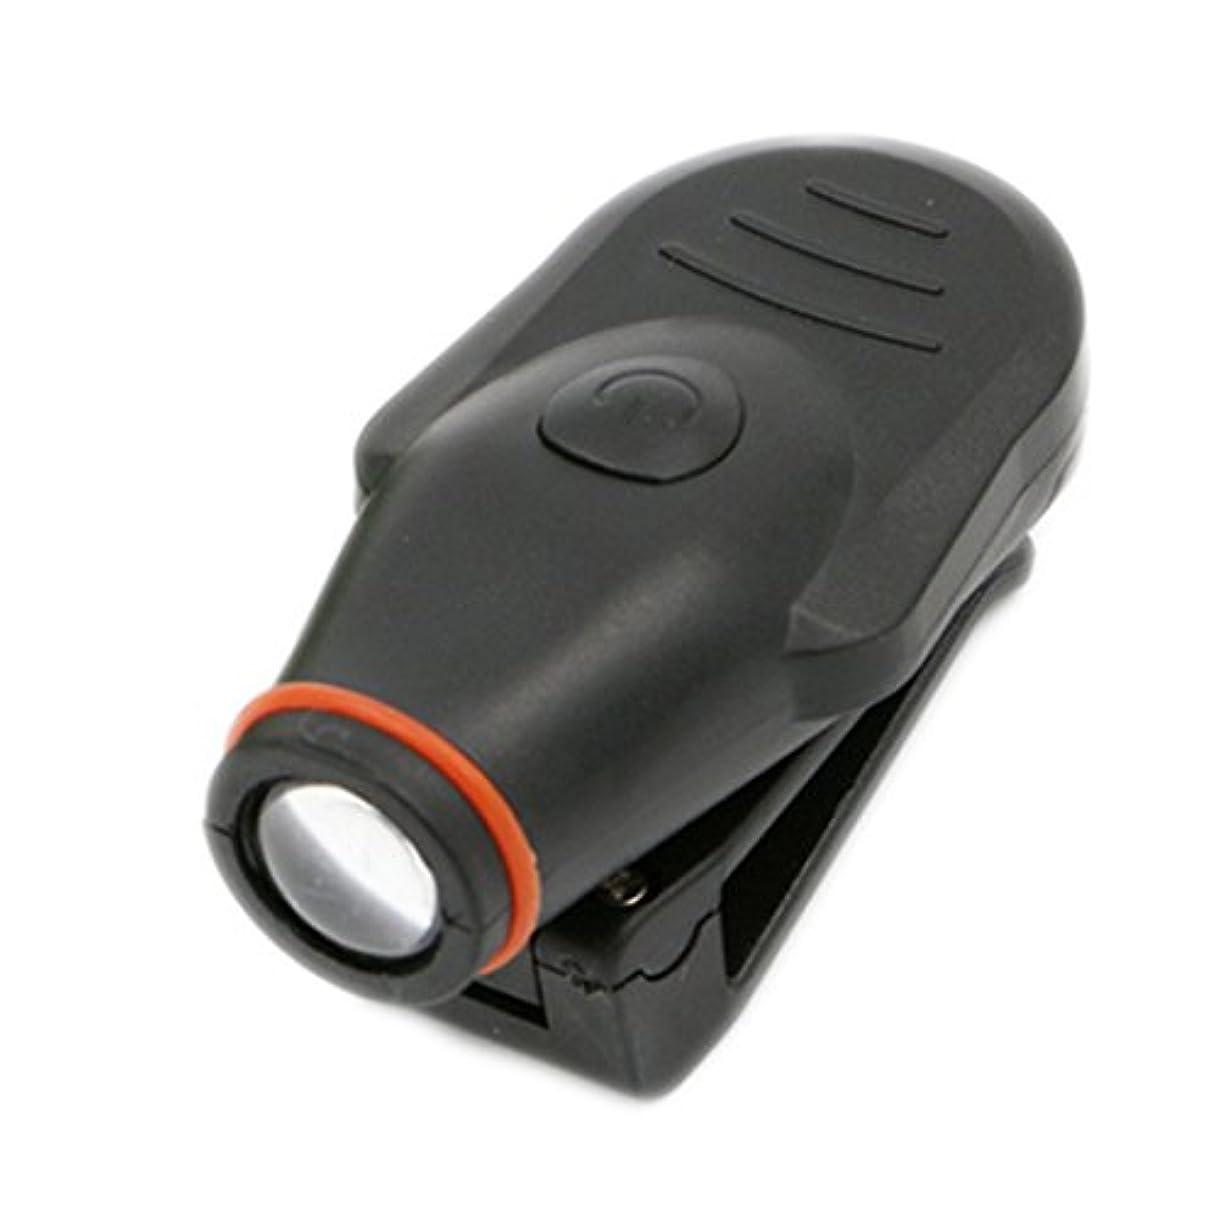 暖かく満員ポーズ明るい クリップオン LED キャップ 帽子ライト ヘッドランプ トーチ 釣り キャンプ ハンティング アウトドア